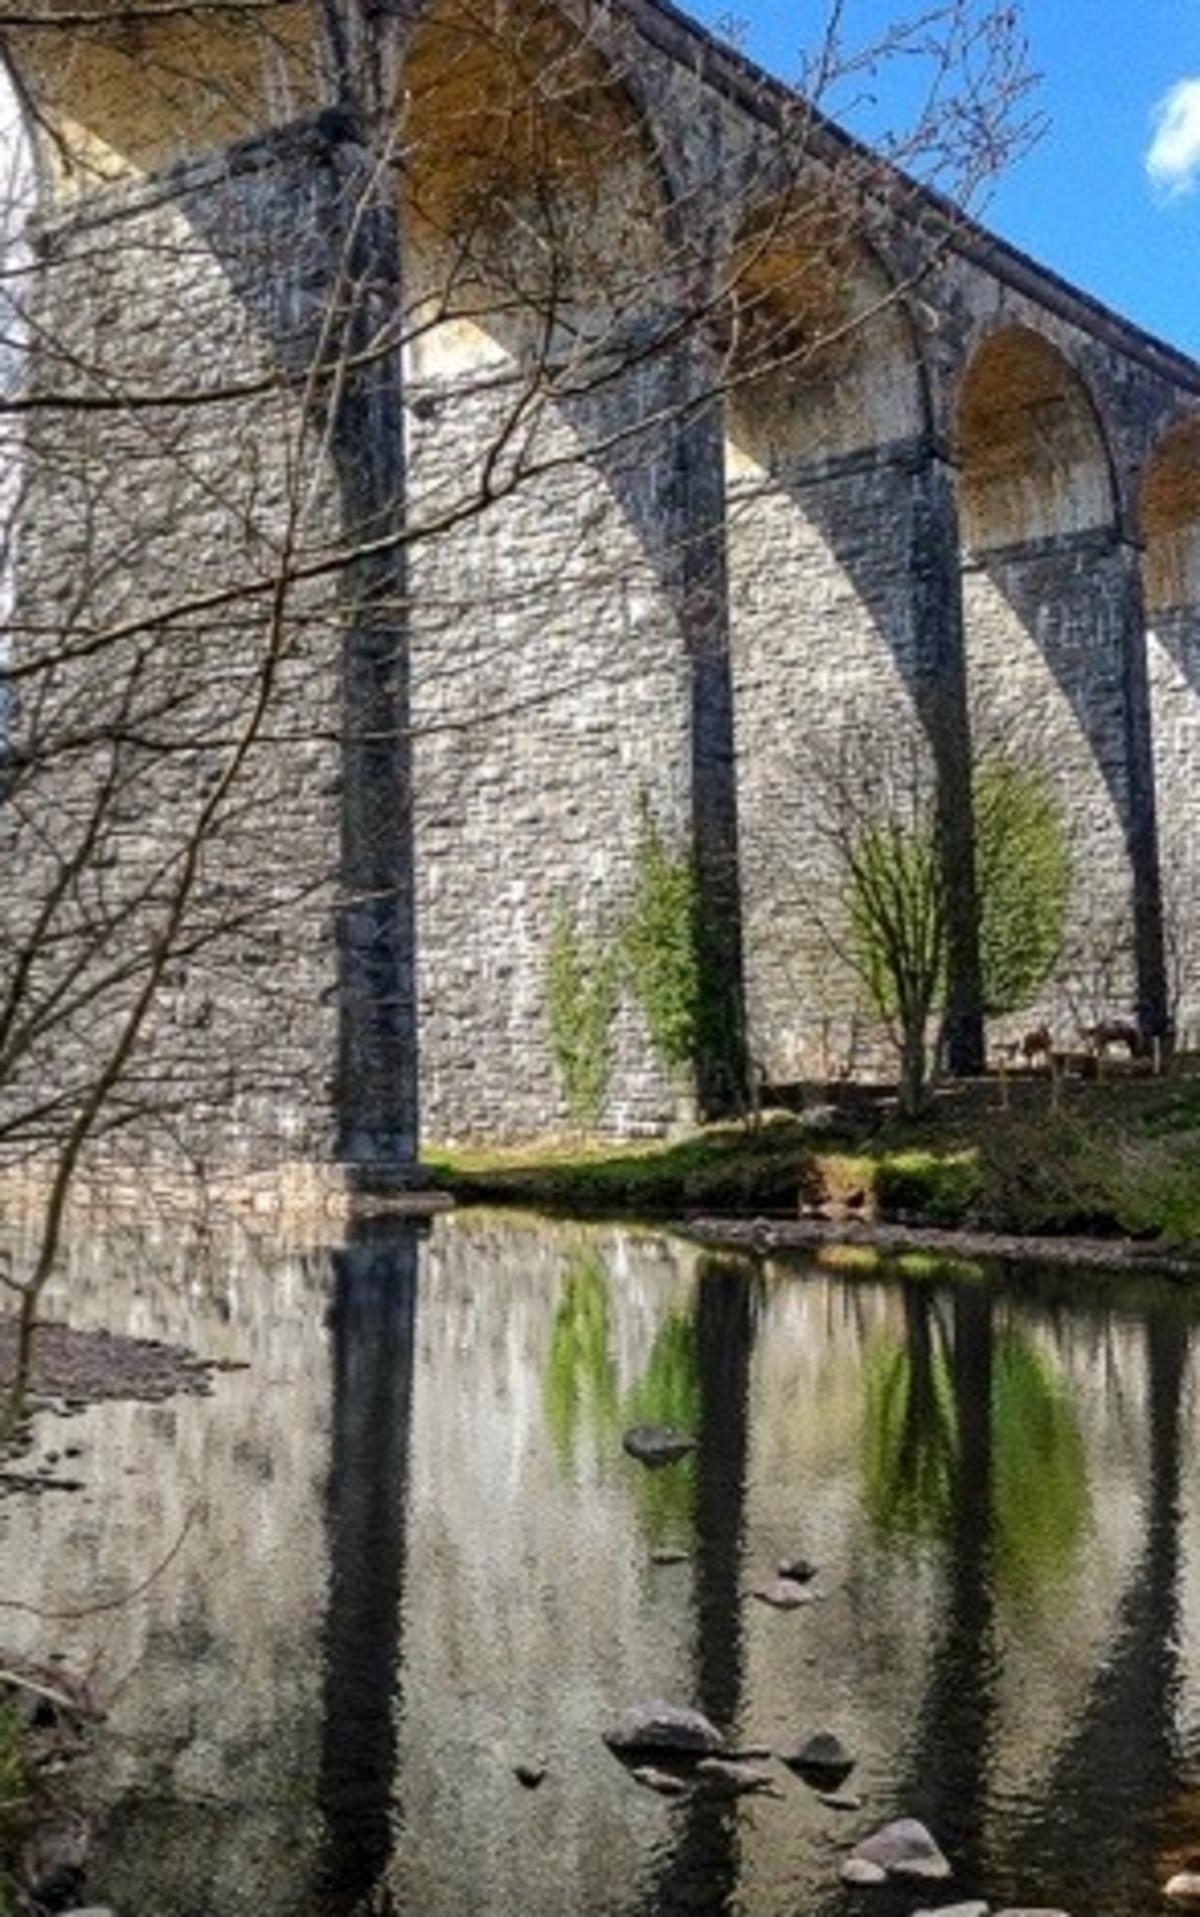 CeFn Viaduct, Merthyr Tydfil